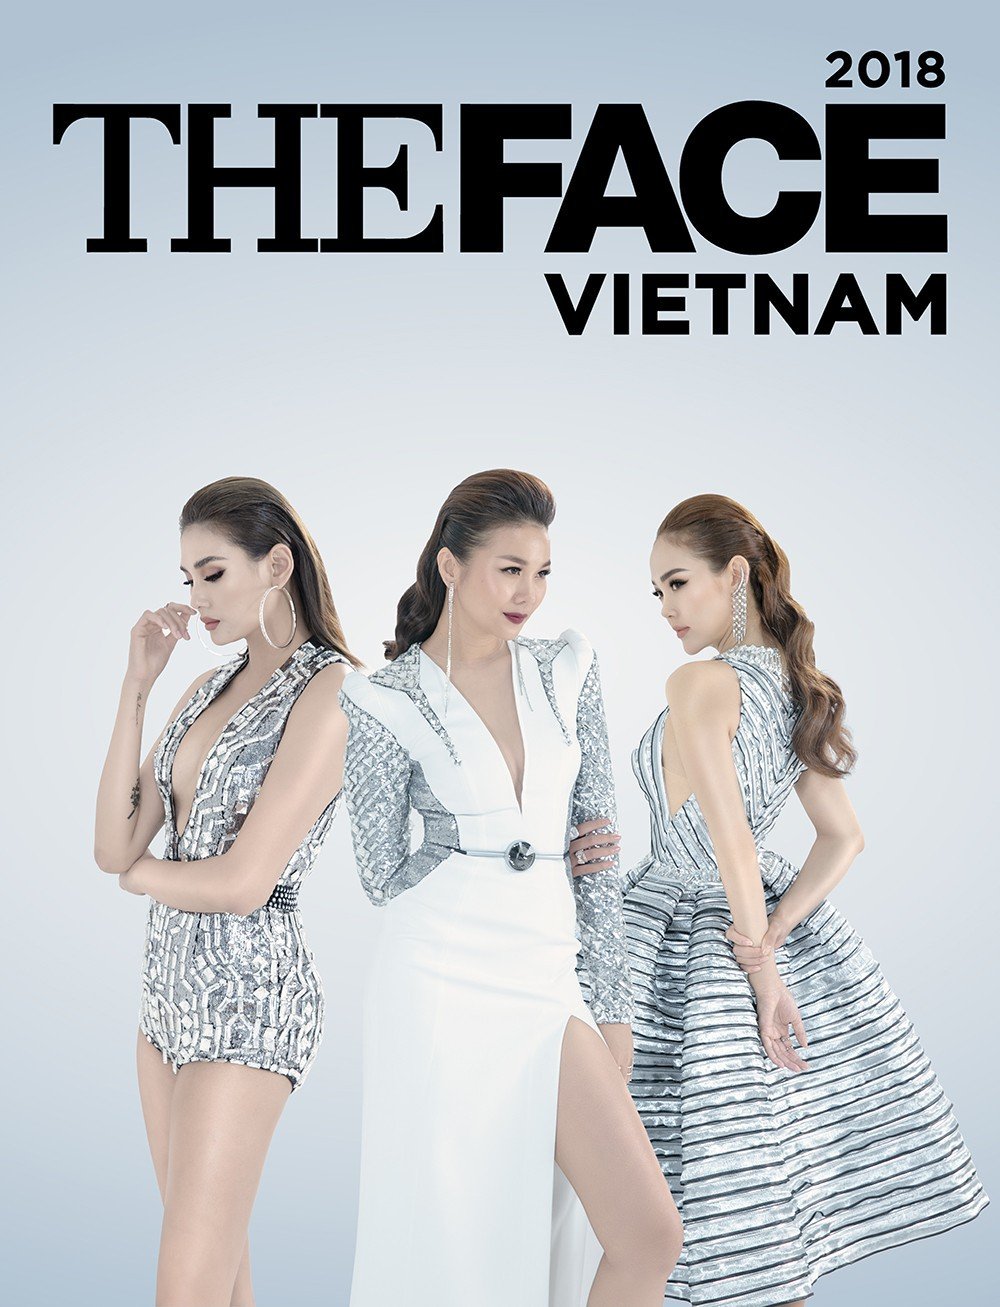 Lộ diễn biến The Face đến tập 3: Võ Hoàng Yến phản ứng dữ dội khi liên tiếp mất thí sinh? - Ảnh 1.